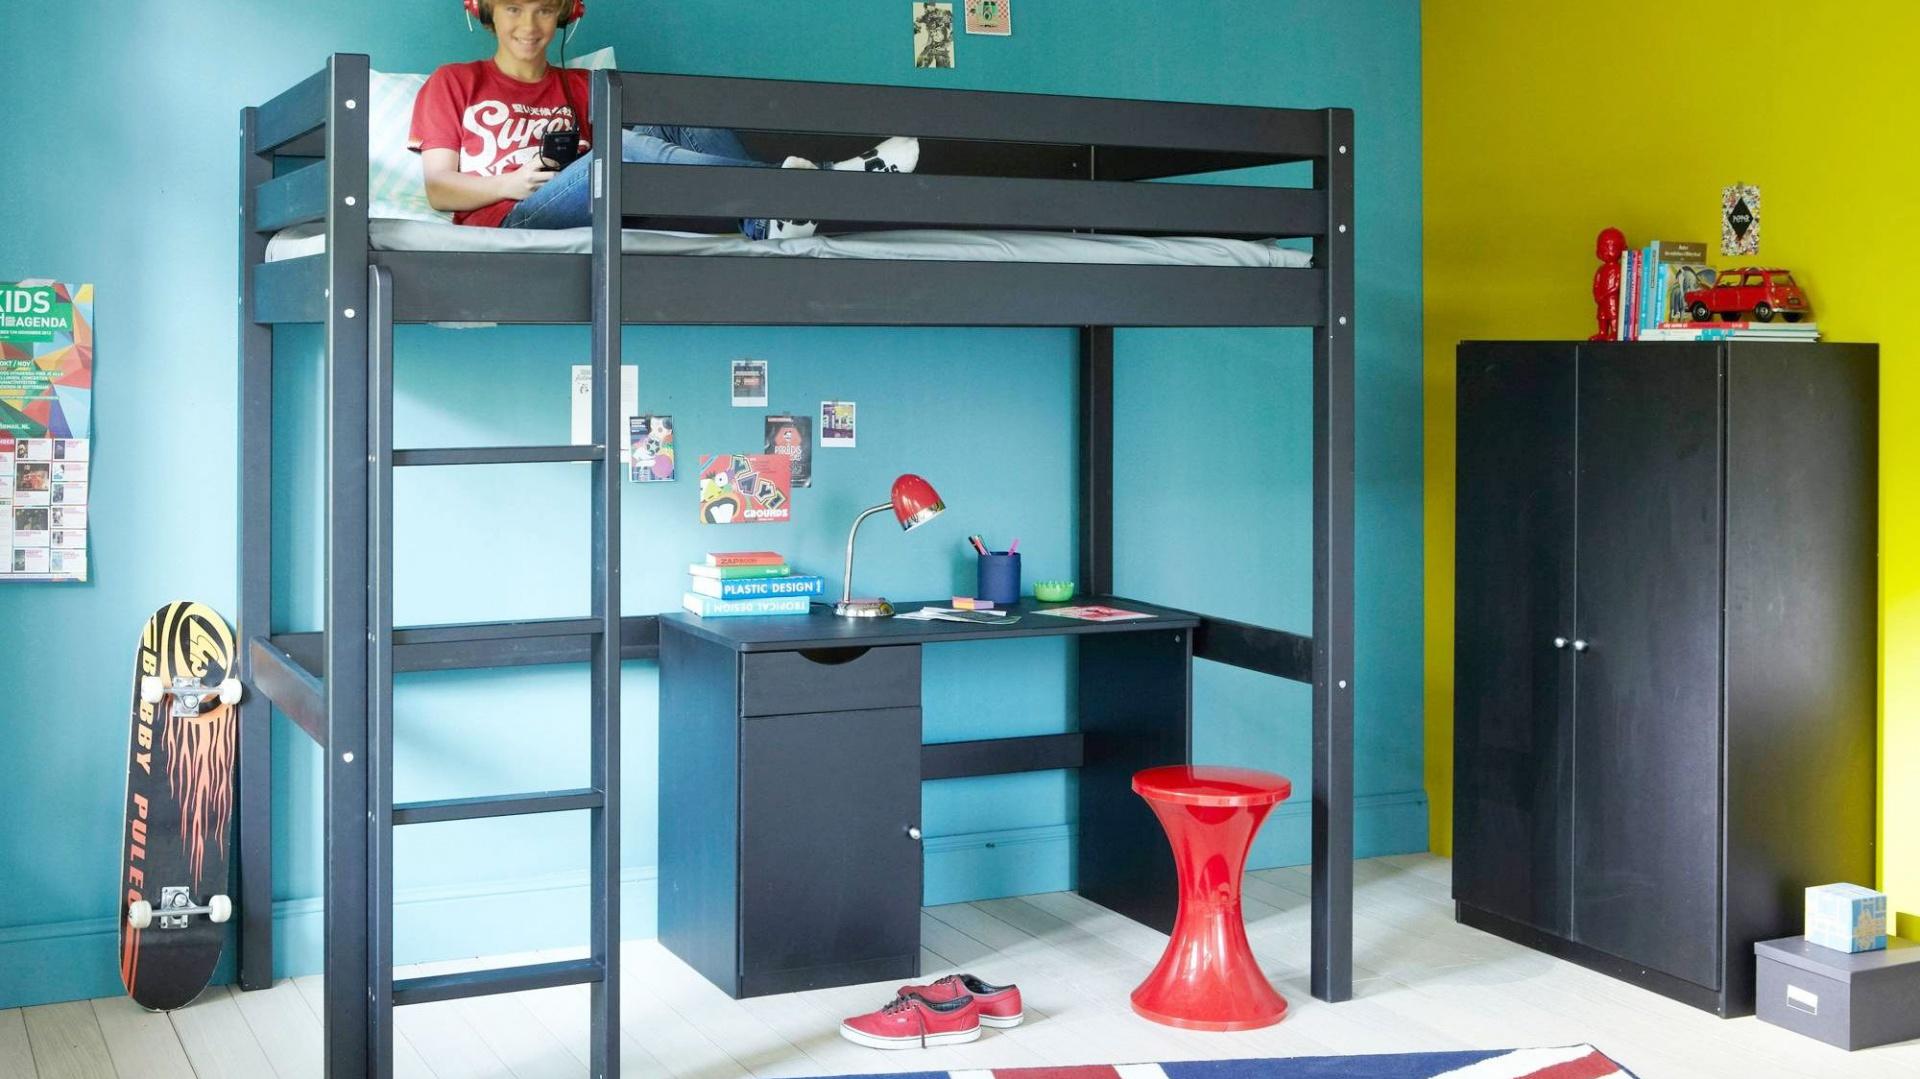 Łóżko na antresoli będzie w pokoju chłopca nie lada atrakcją. Mebel wykorzystywany jest nie tylko do wypoczynku, lecz także wielu inspirujących zabaw. Fot. 3 Suisses.